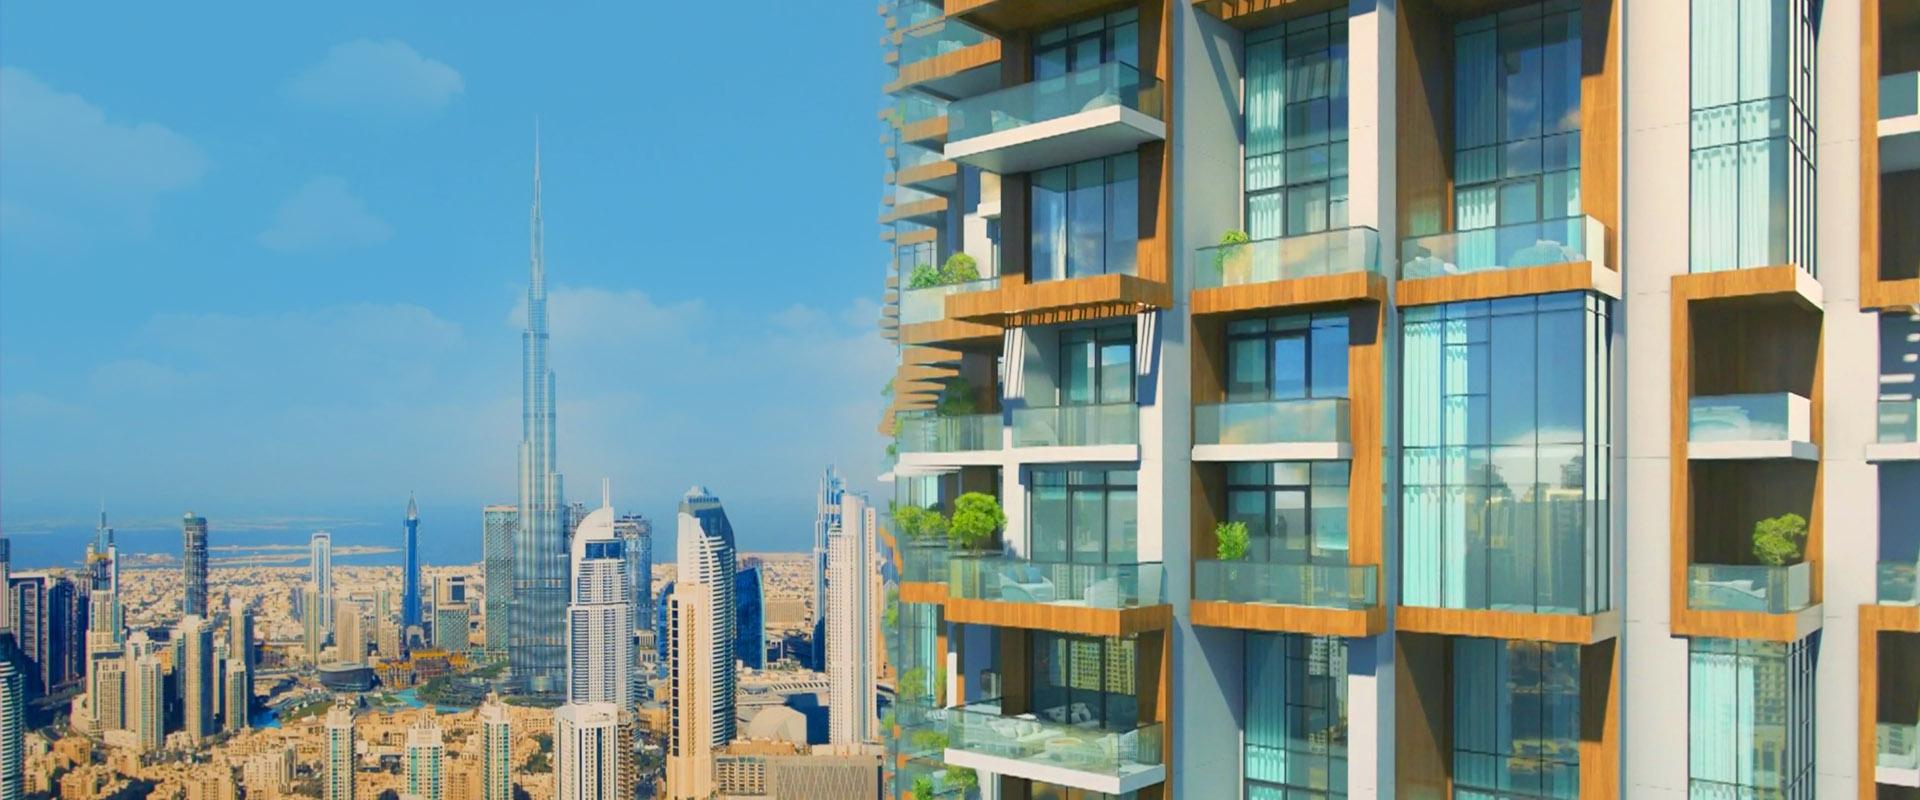 إس إل إس تاور دبي ريزيدنسز في منطقة برج خليفة